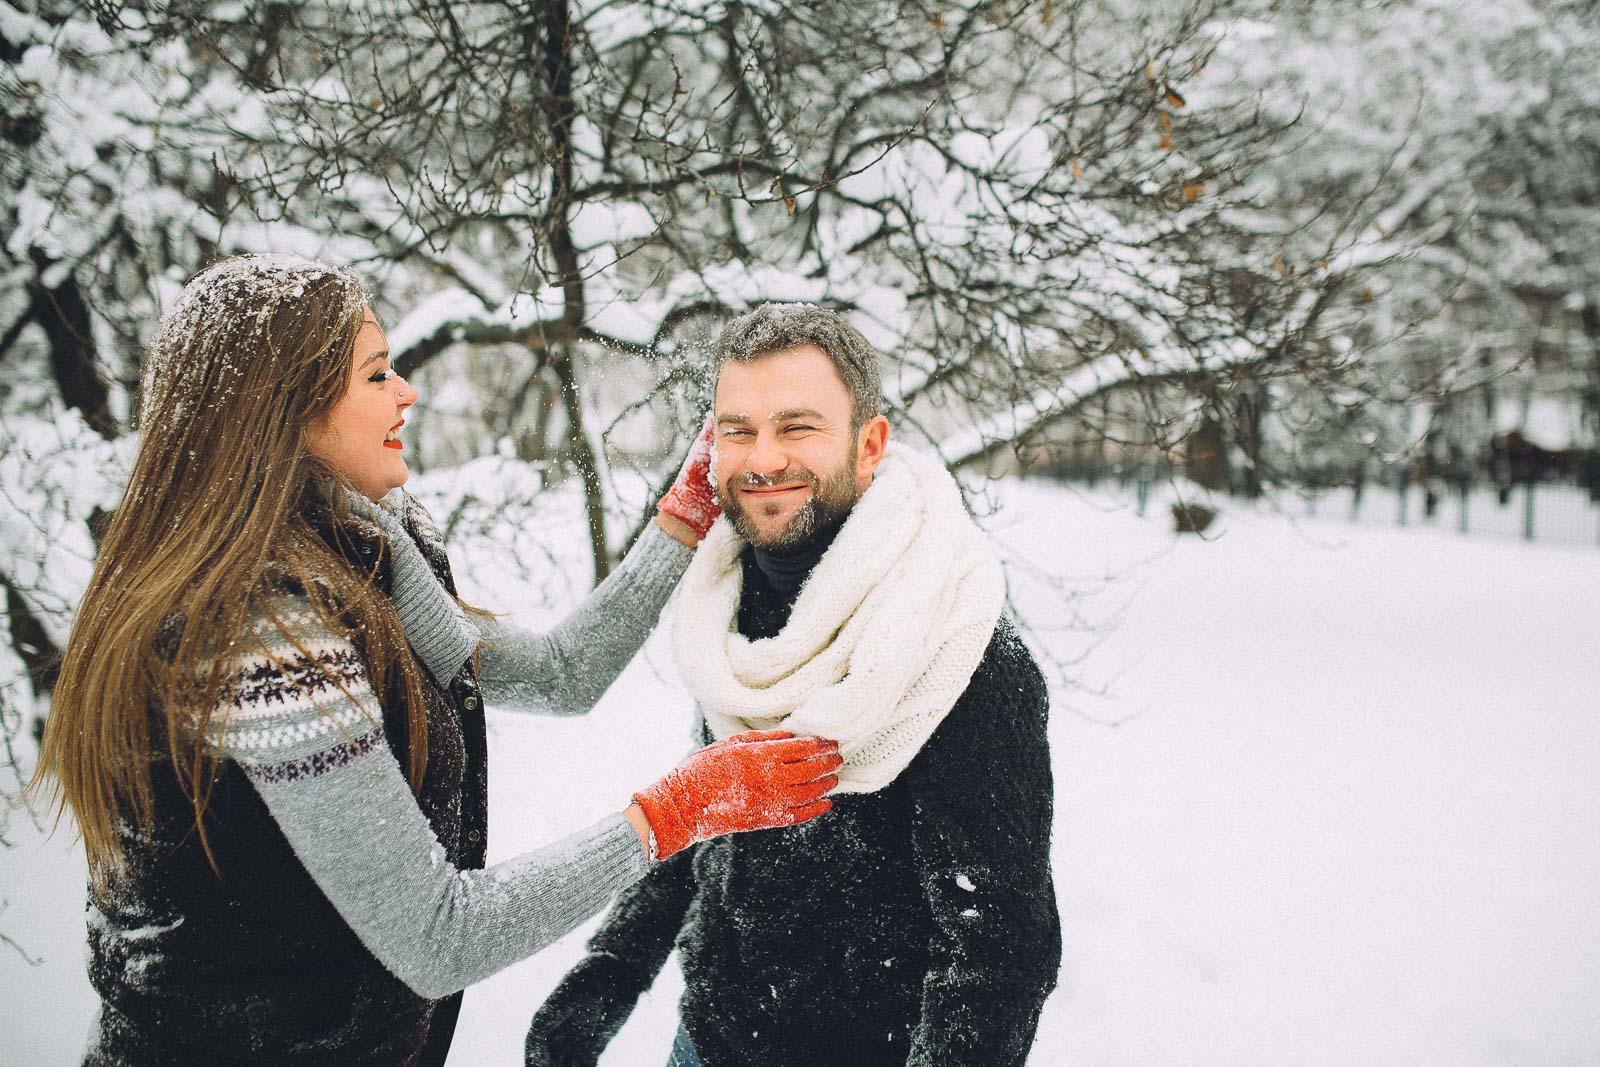 досуге прототипированием зимние фотосессии на улице для пары экзотического города